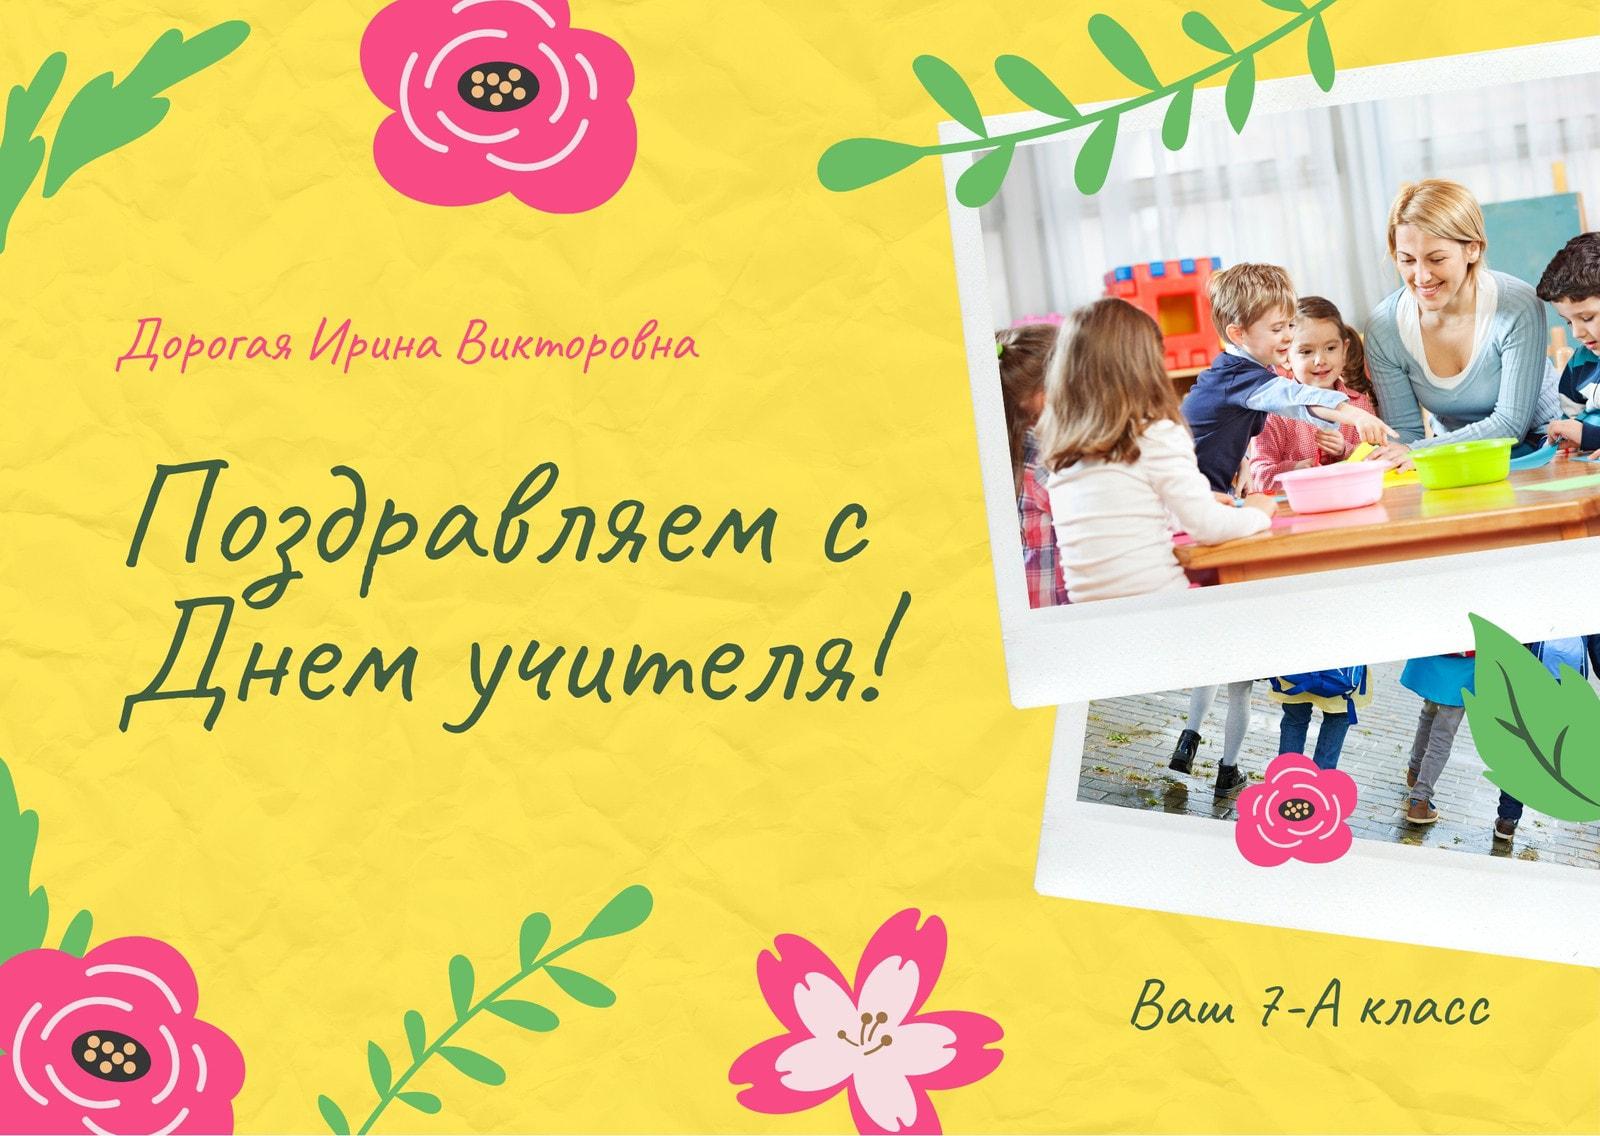 Зеленая открытка на день учителя с фото и рисунками цветов